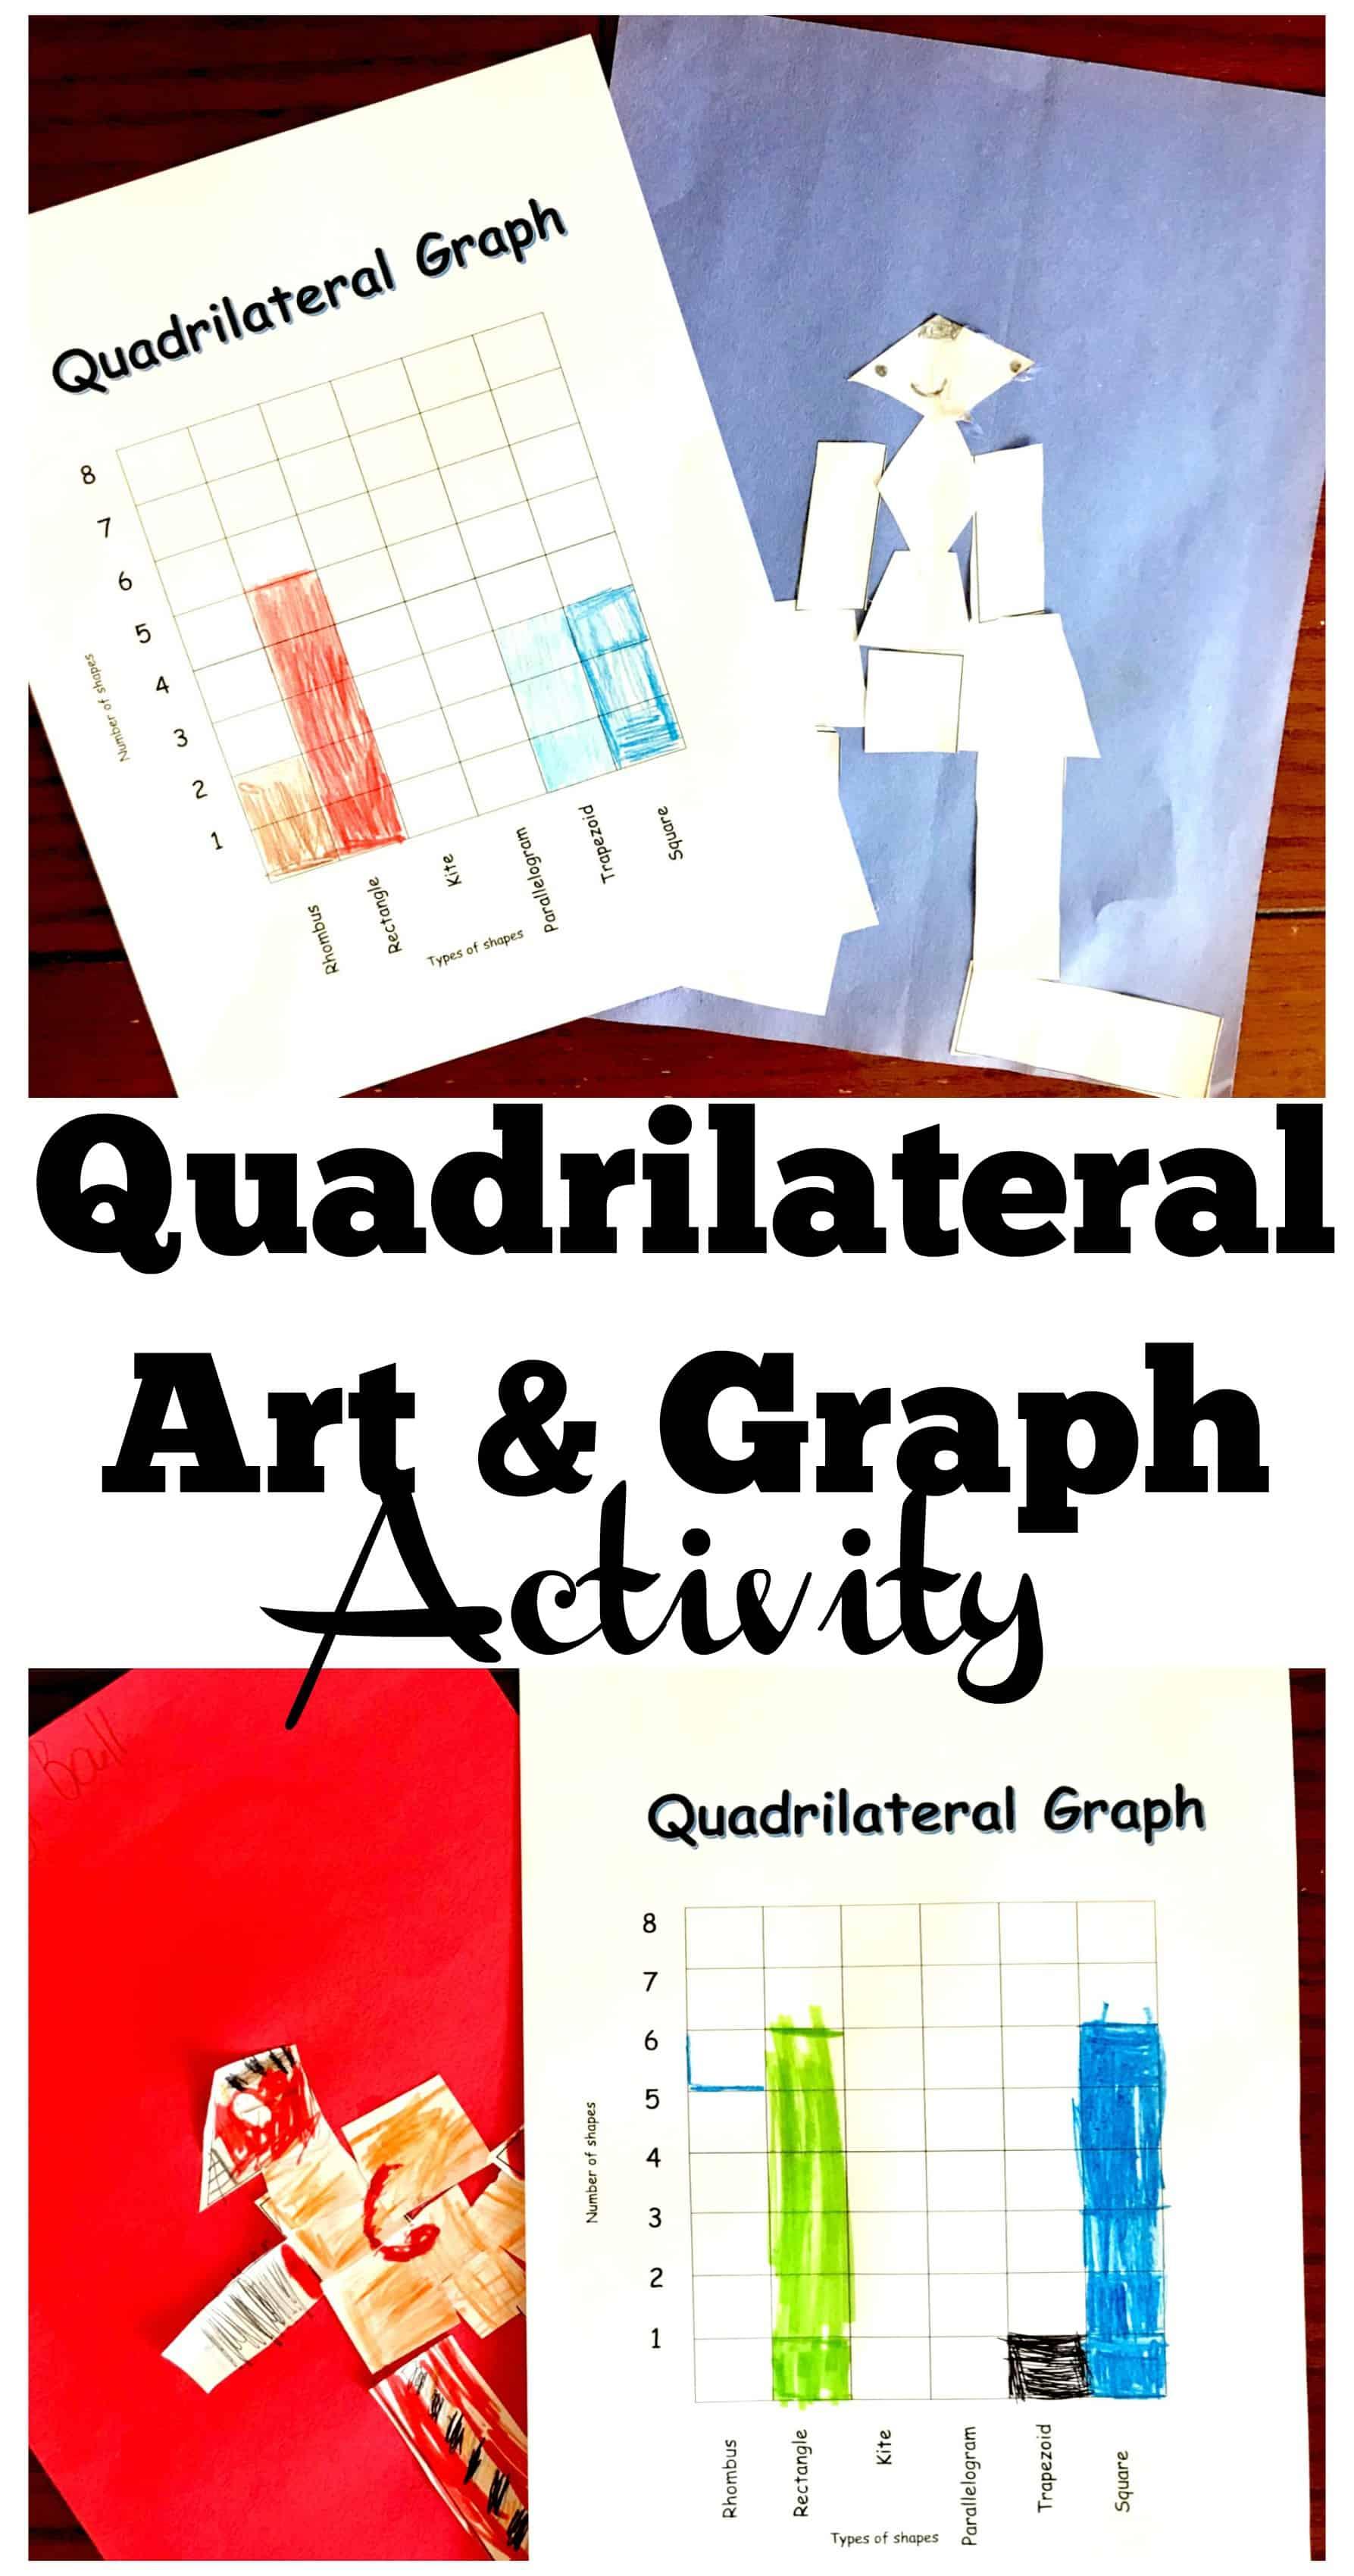 Explore Quadrilaterals With This Free Quadrilateral Art